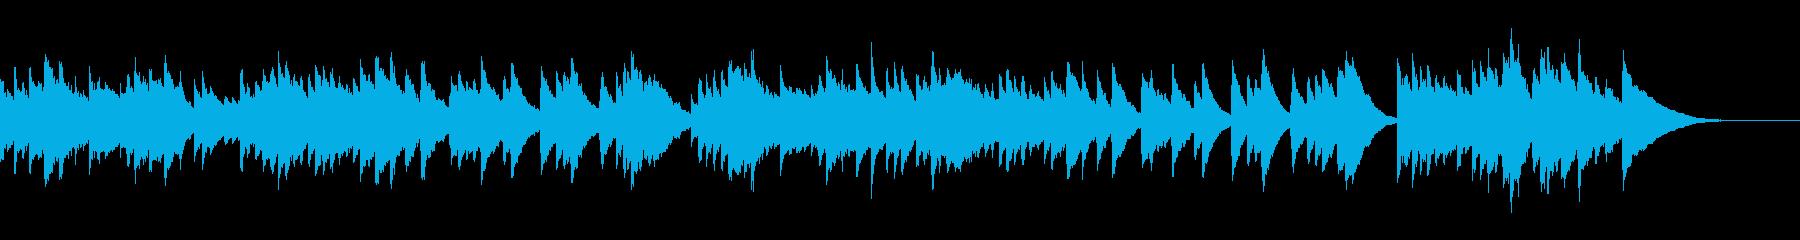 「熊本・天草地方の子守唄」オルゴールの再生済みの波形